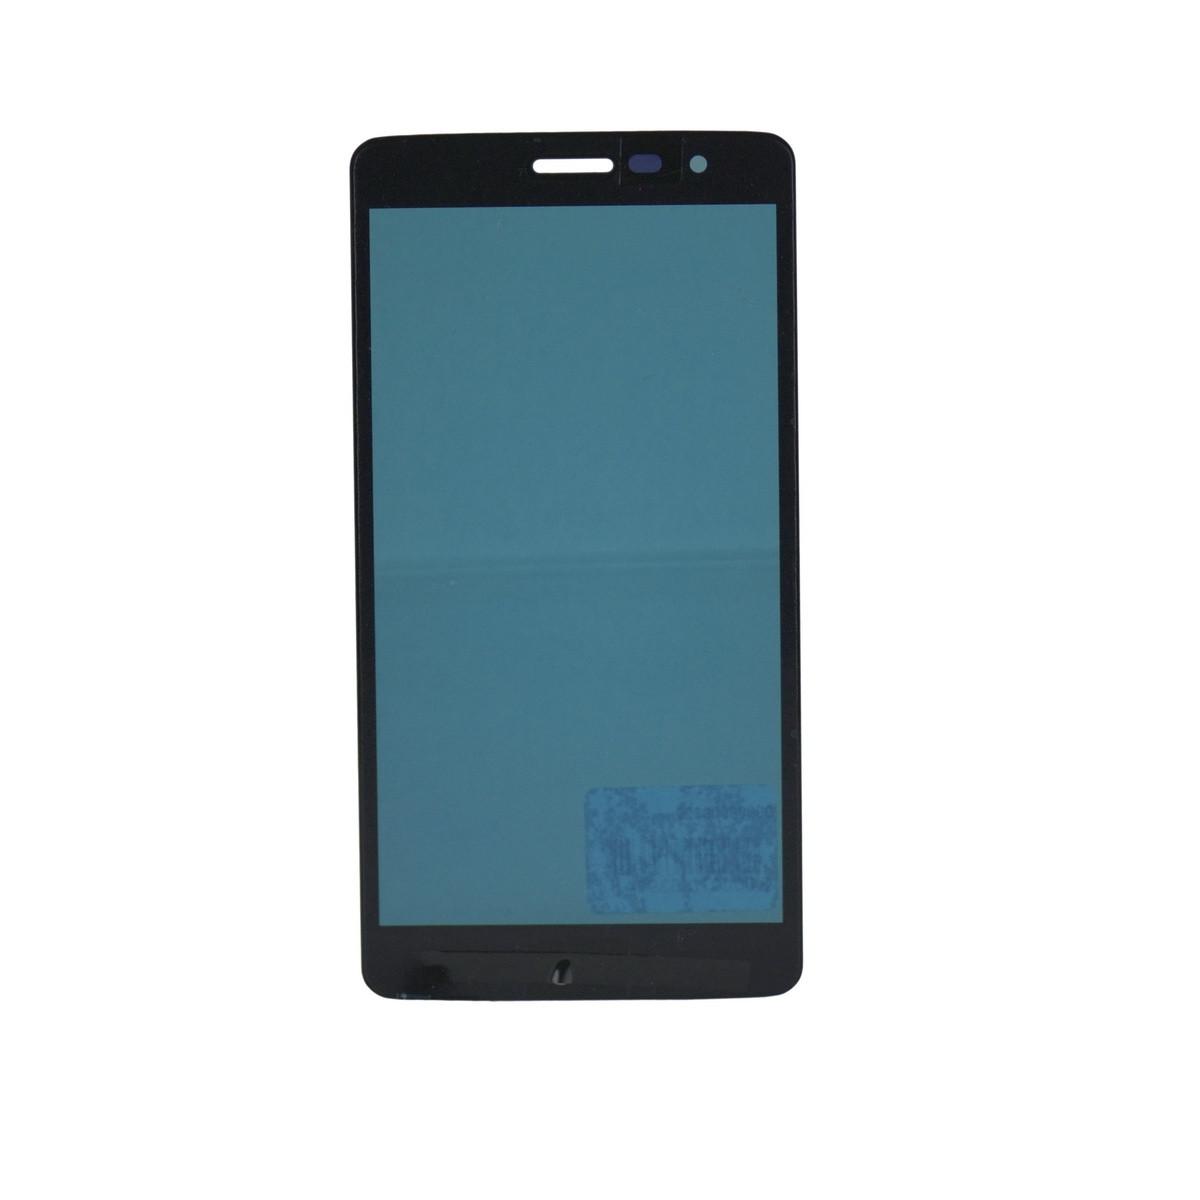 Сенсор LG Max X155 Black (41)